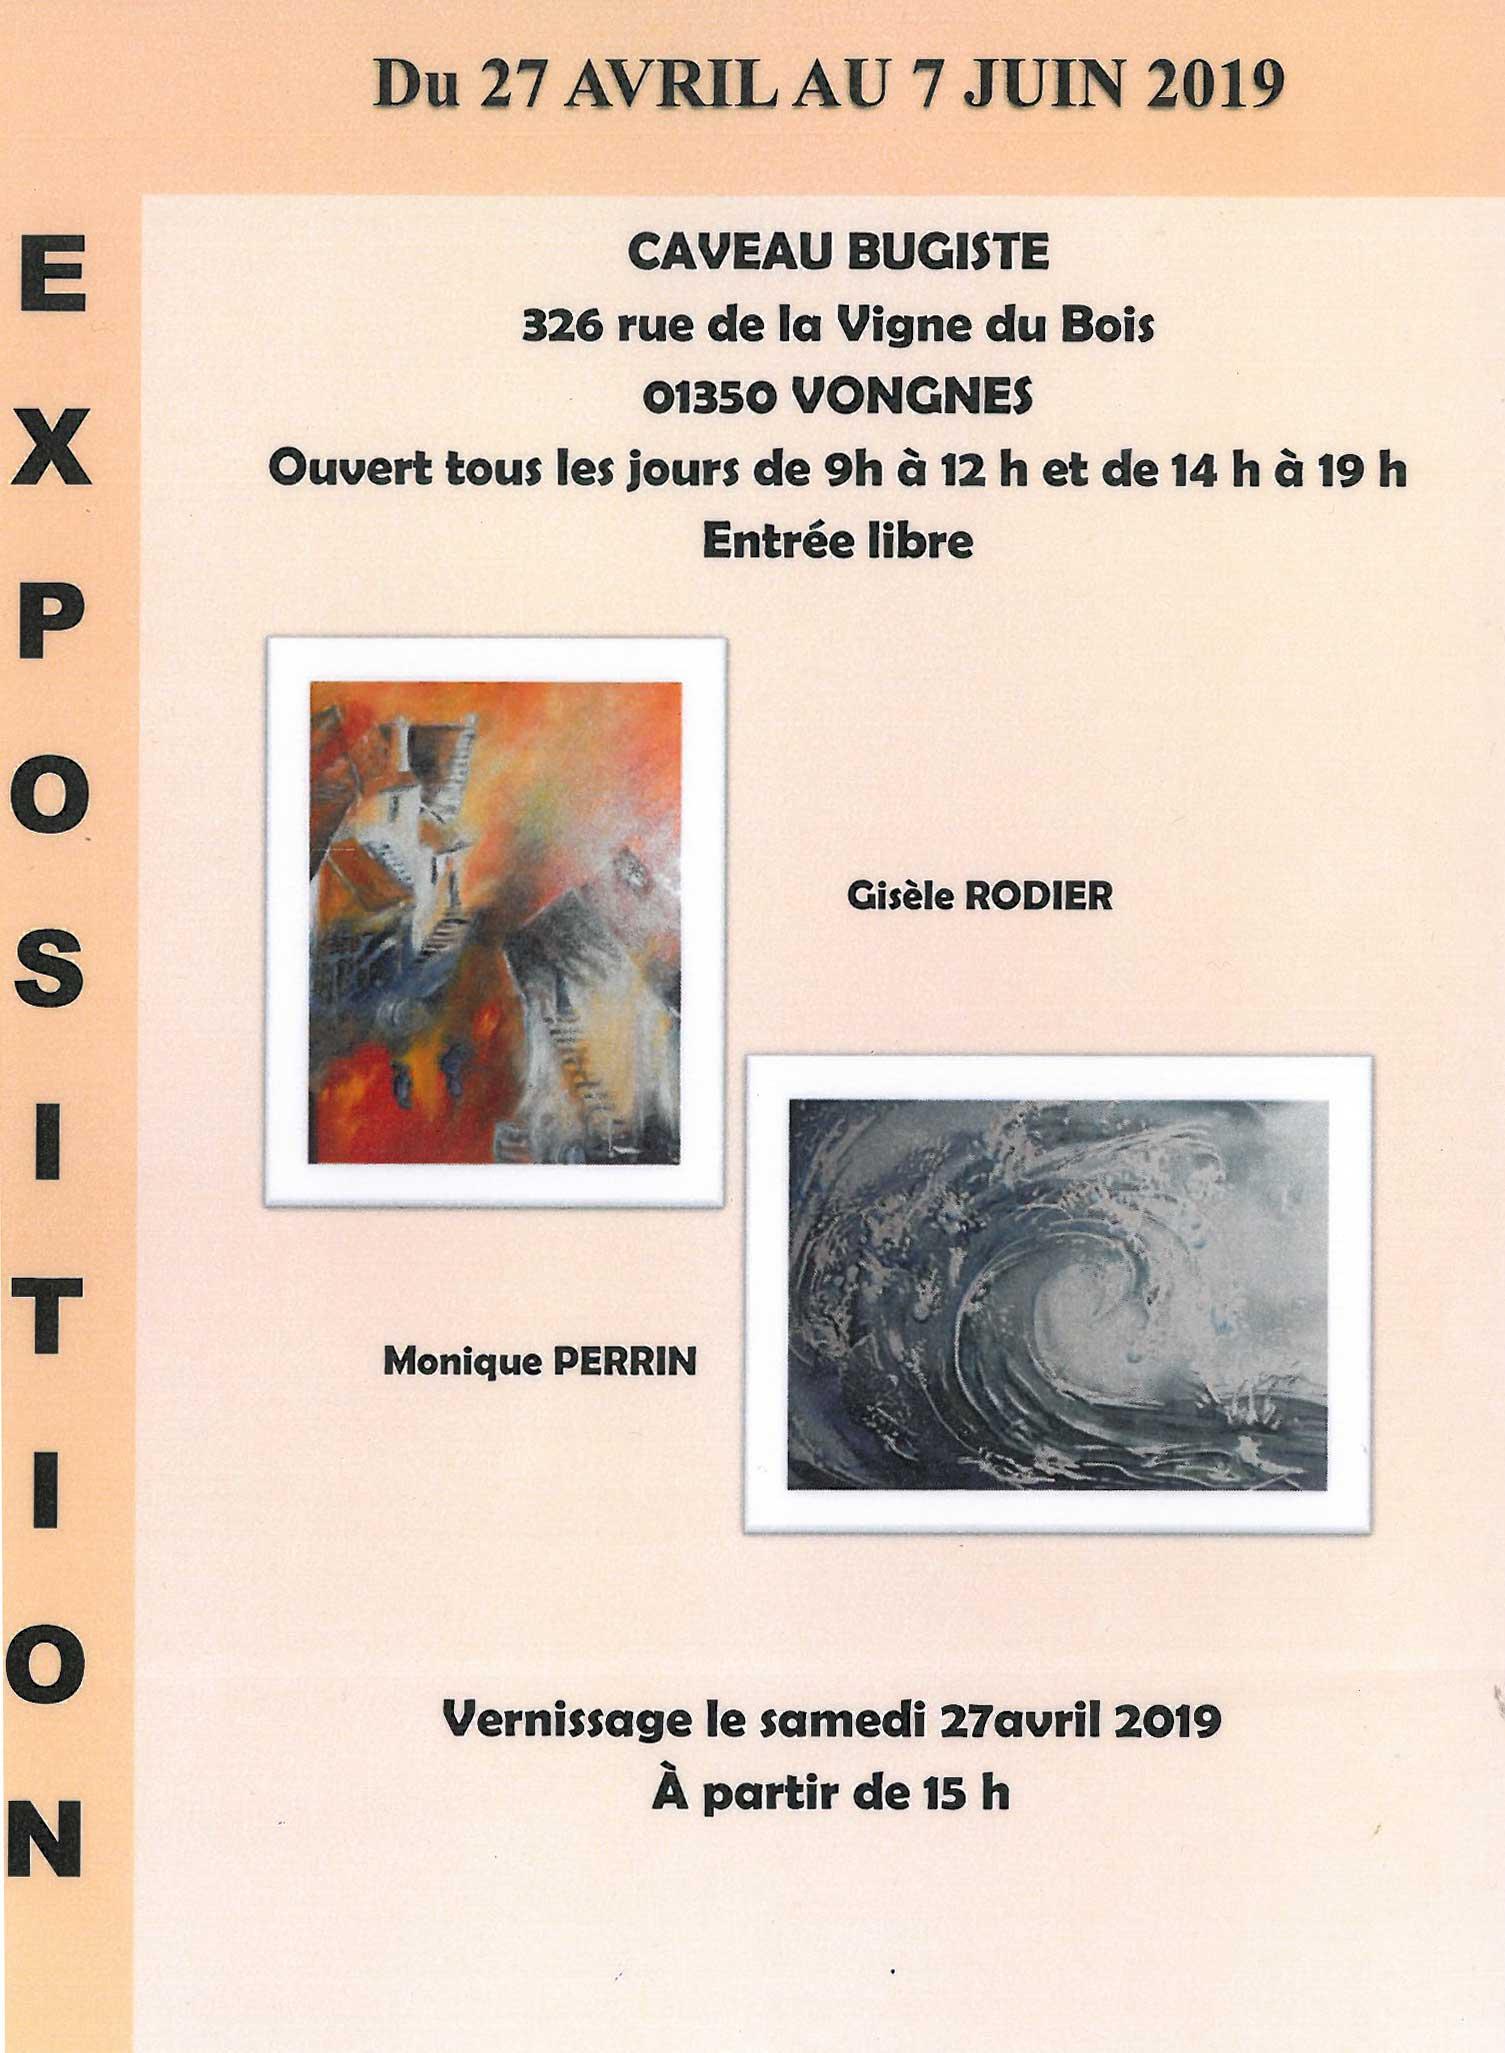 Exposition de peintures de Gisèle RODIER et Monique PERRIN